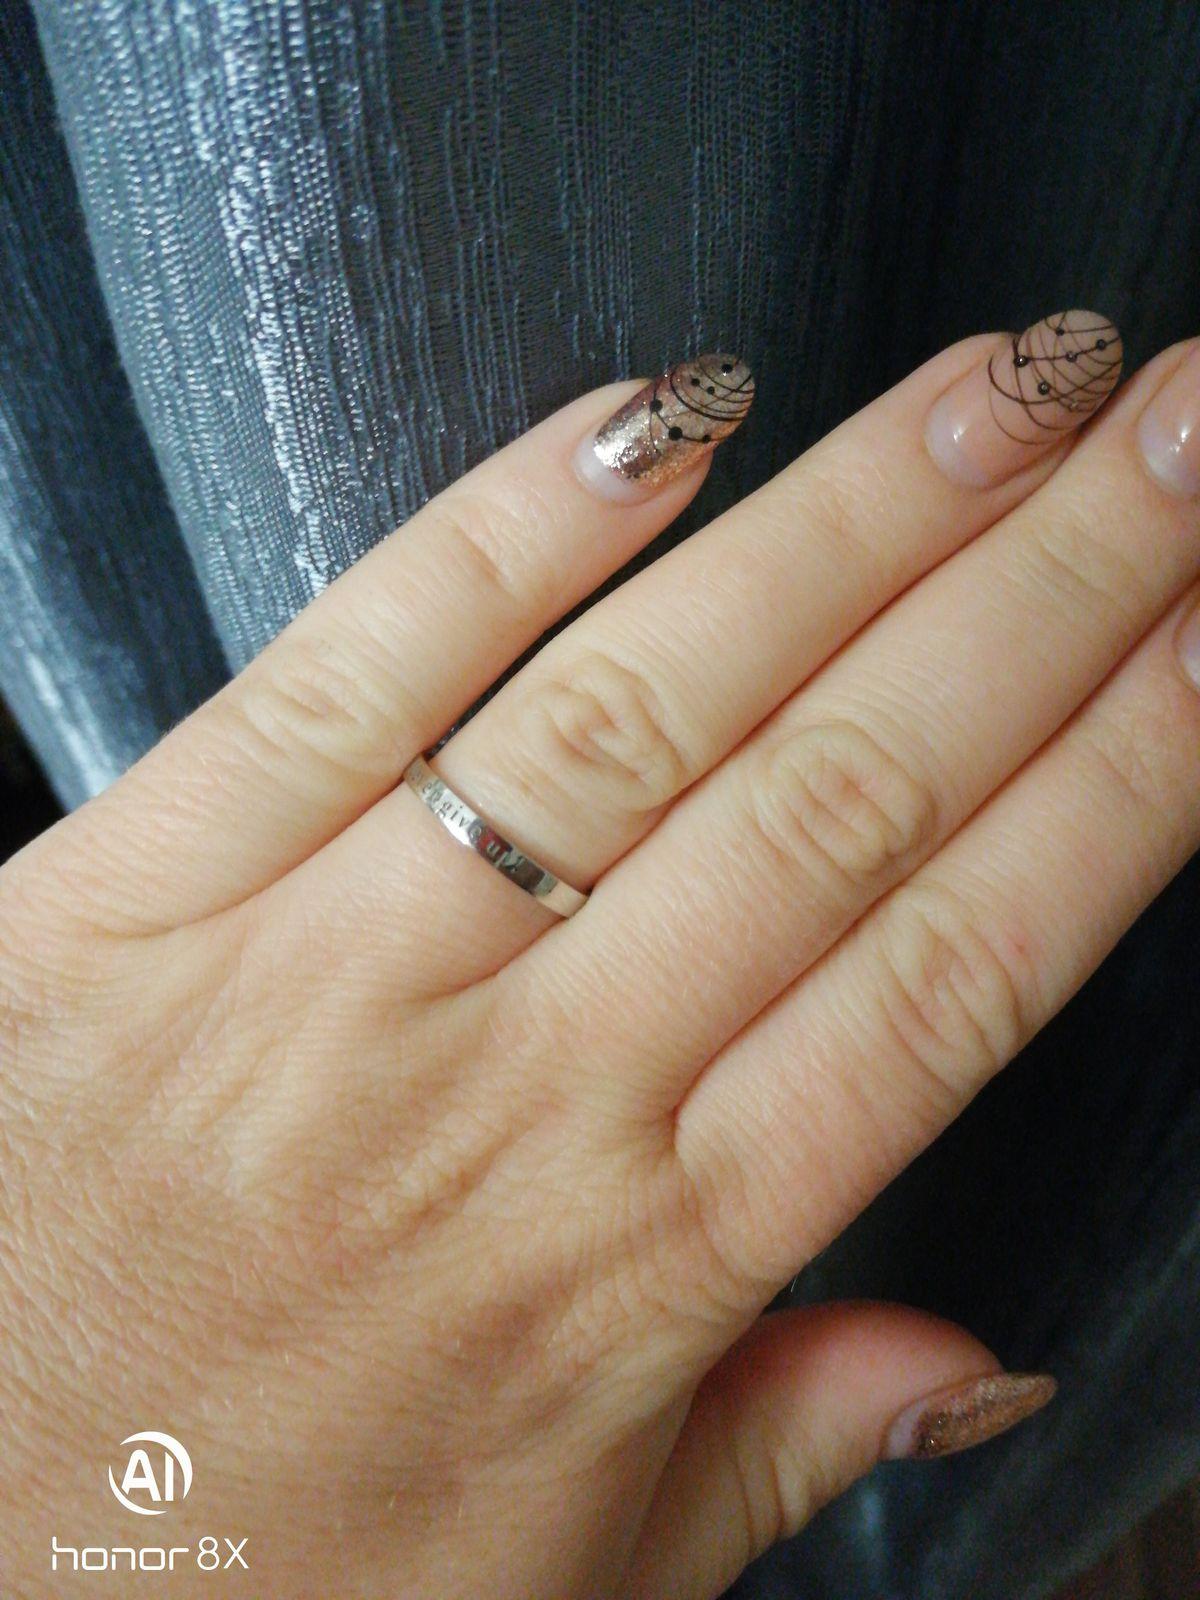 Кольцо с жизненным девизом